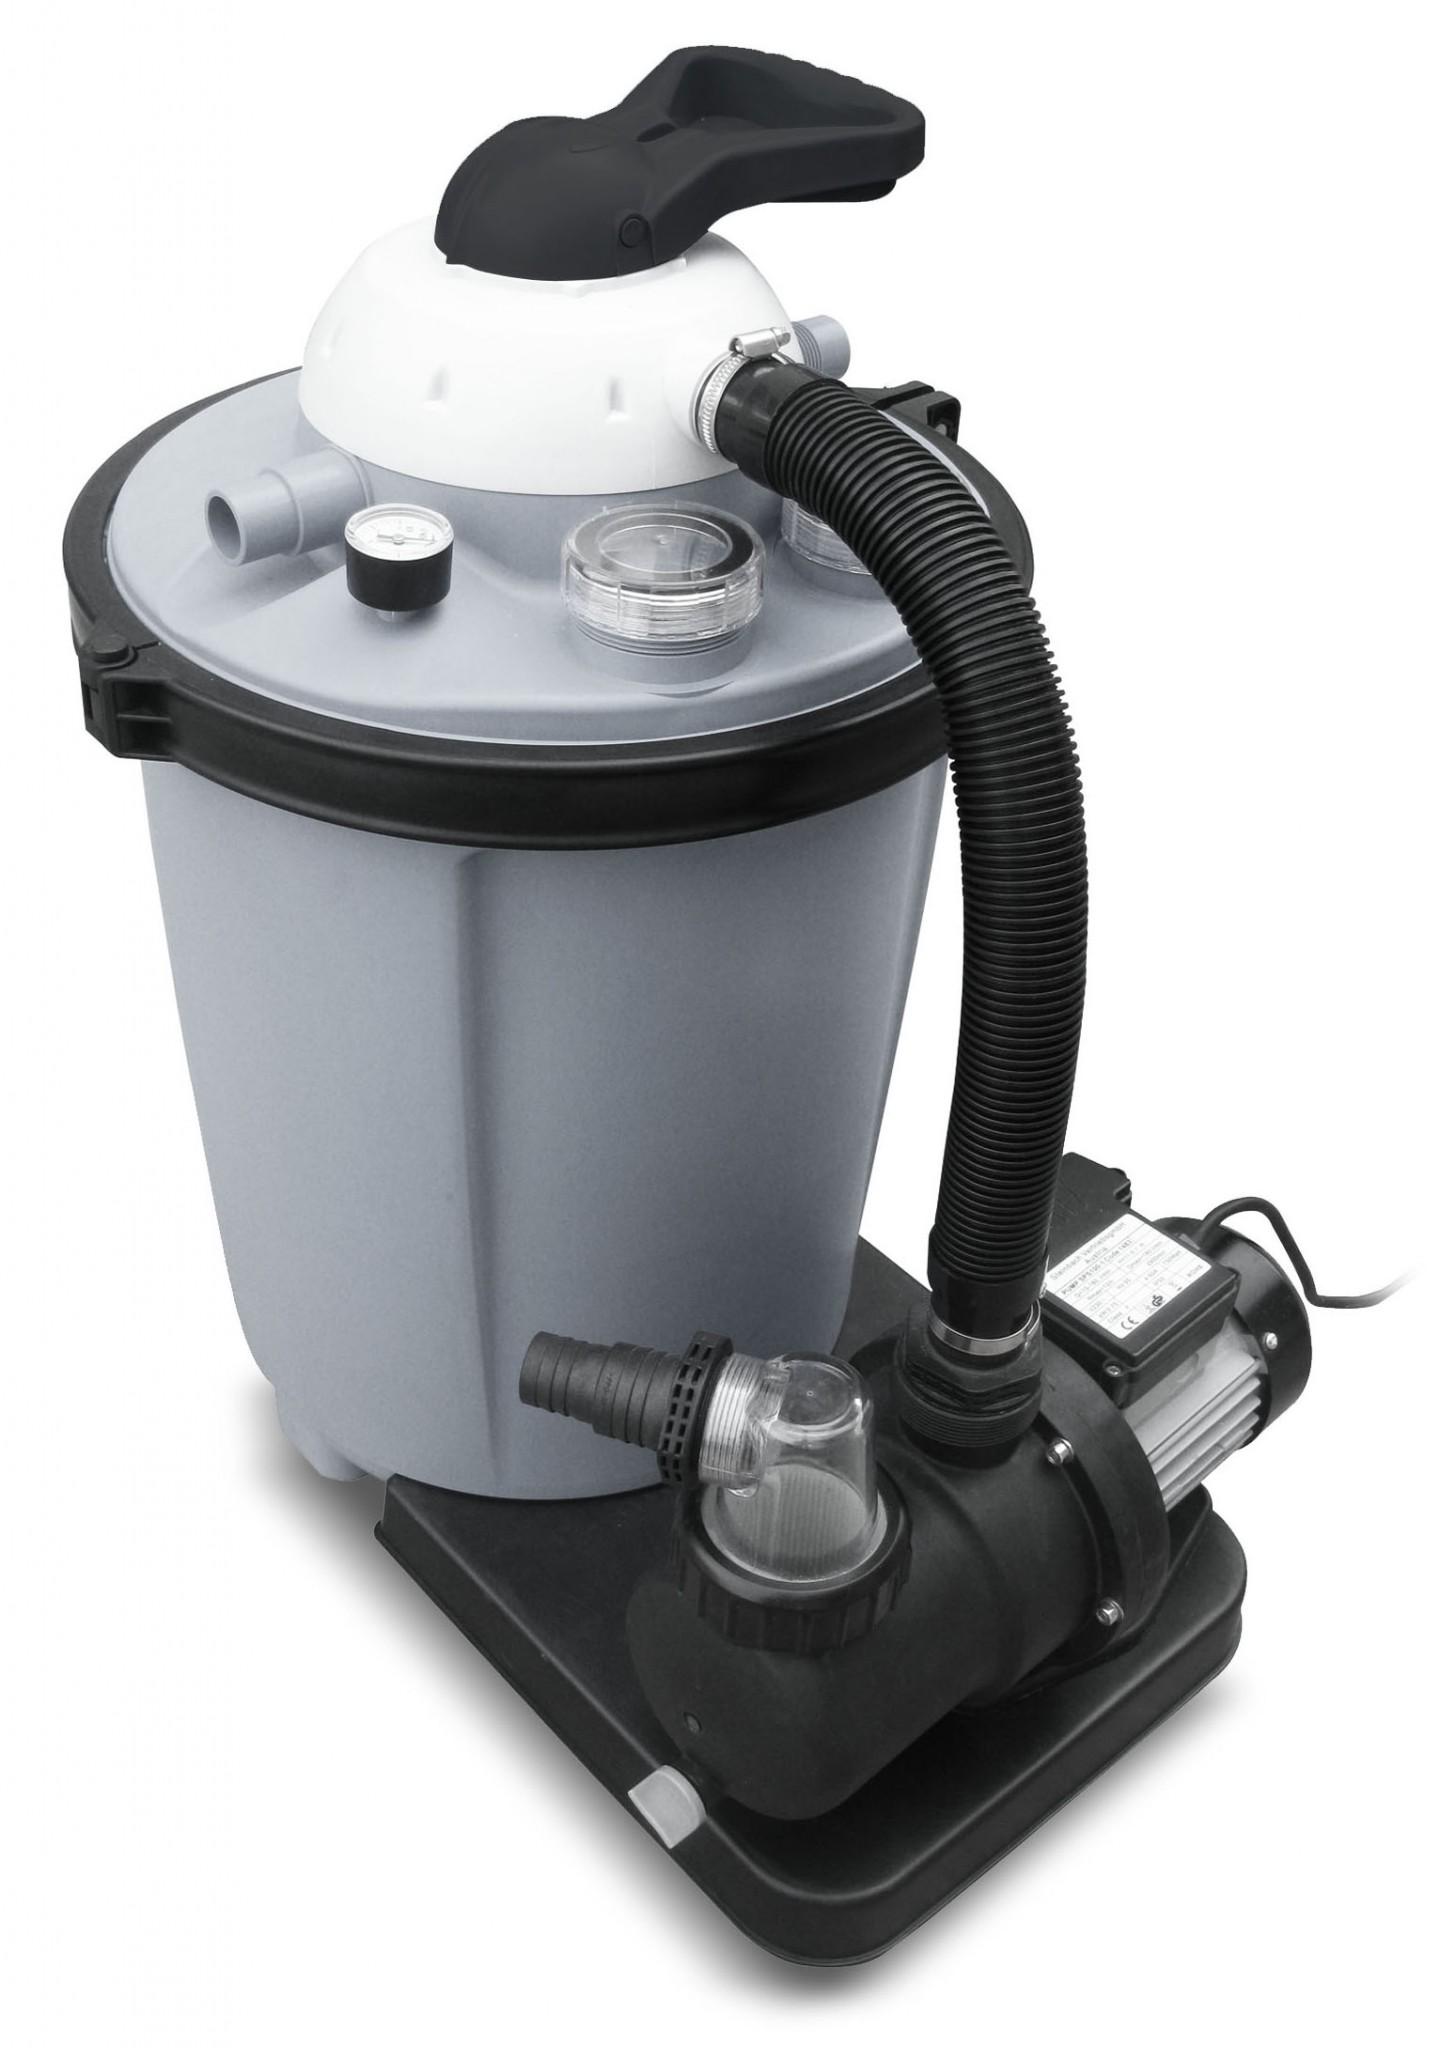 Monobloc de filtraci n de diametro 430 con motor cv for Motor piscina 0 5 cv